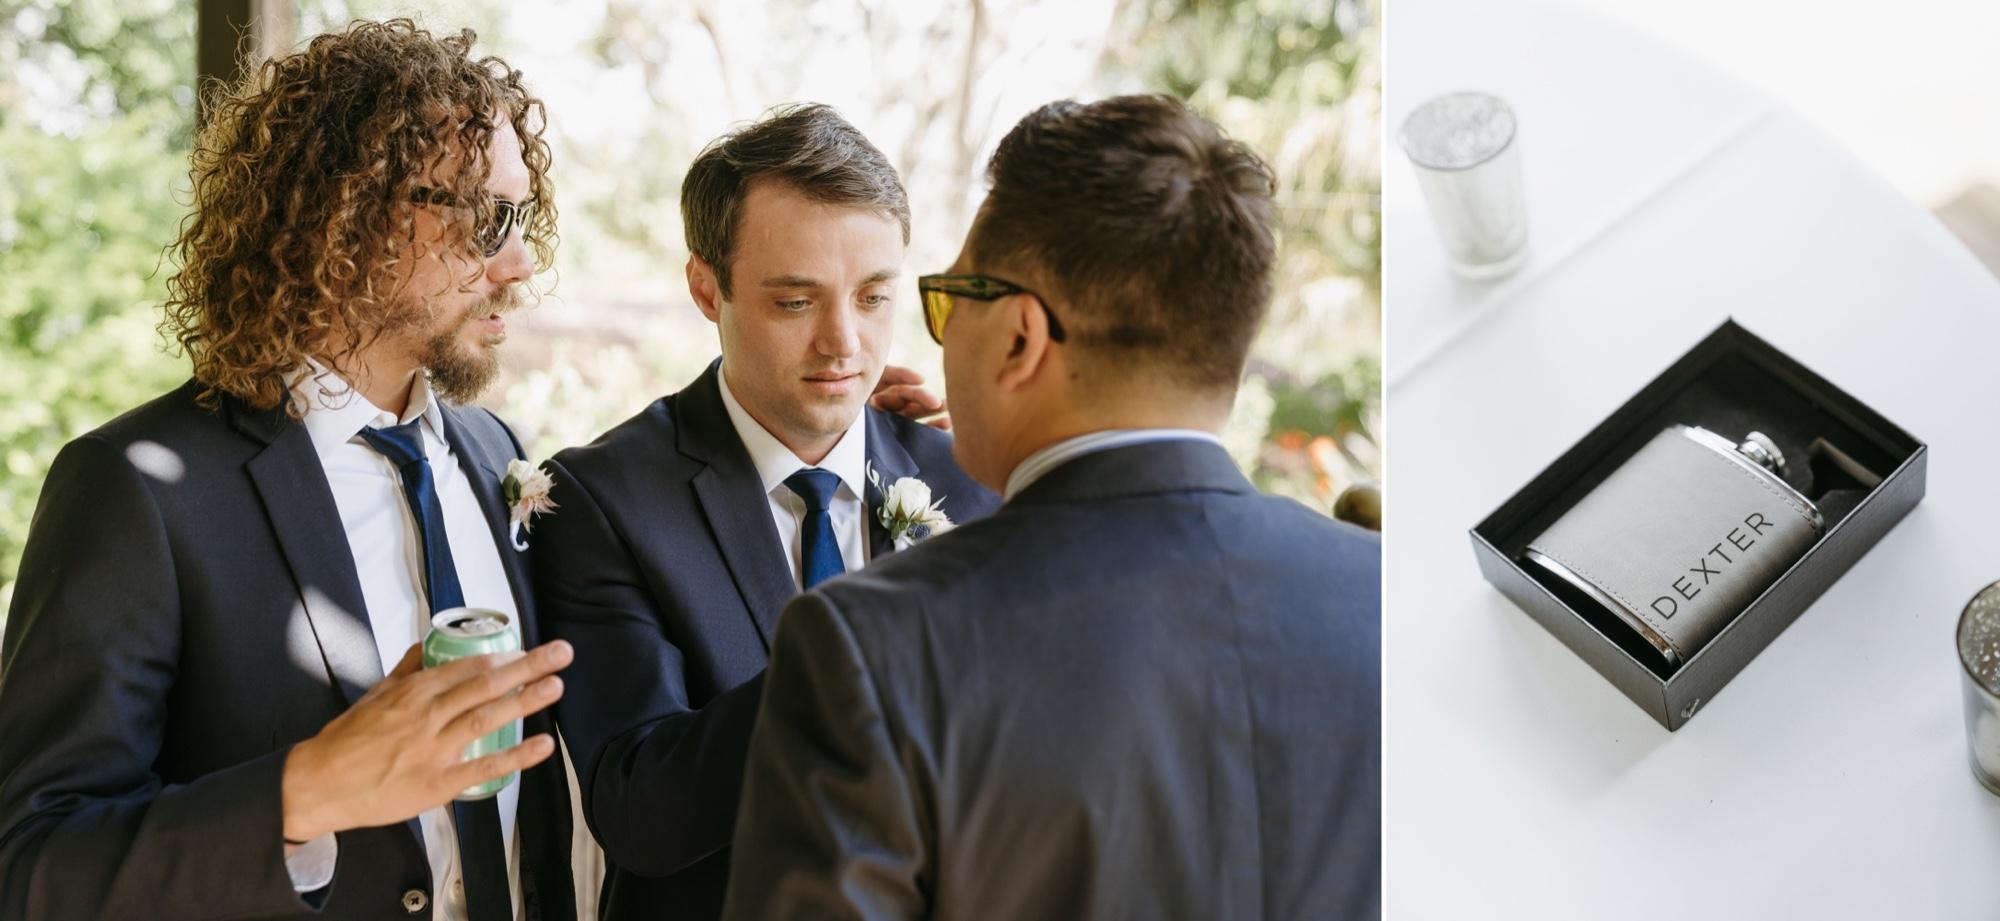 005_Shawna and Steve's Wedding-60_Shawna and Steve's Wedding-65.jpg